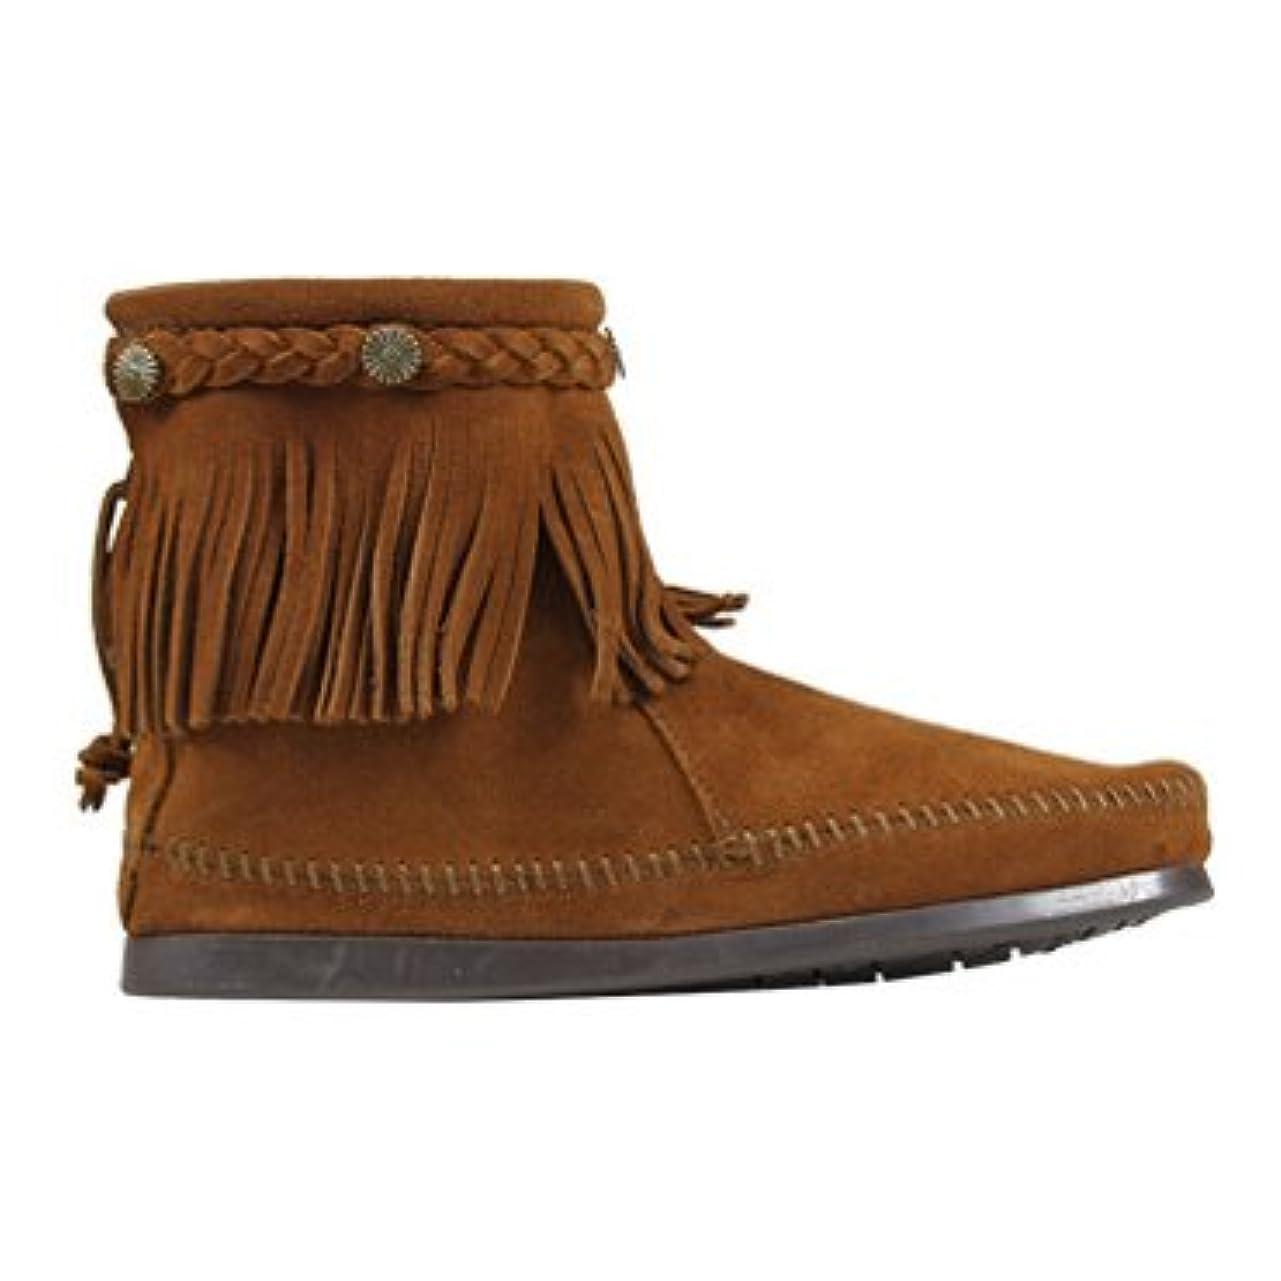 援助するタバコ素子[ミネトンカ] 292 HI TOP BACK ZIP BOOT ハイ トップ バック ジップ ブーツ US8.5(約25.0-25.5cm) BROWN[ 292 ](並行輸入品)